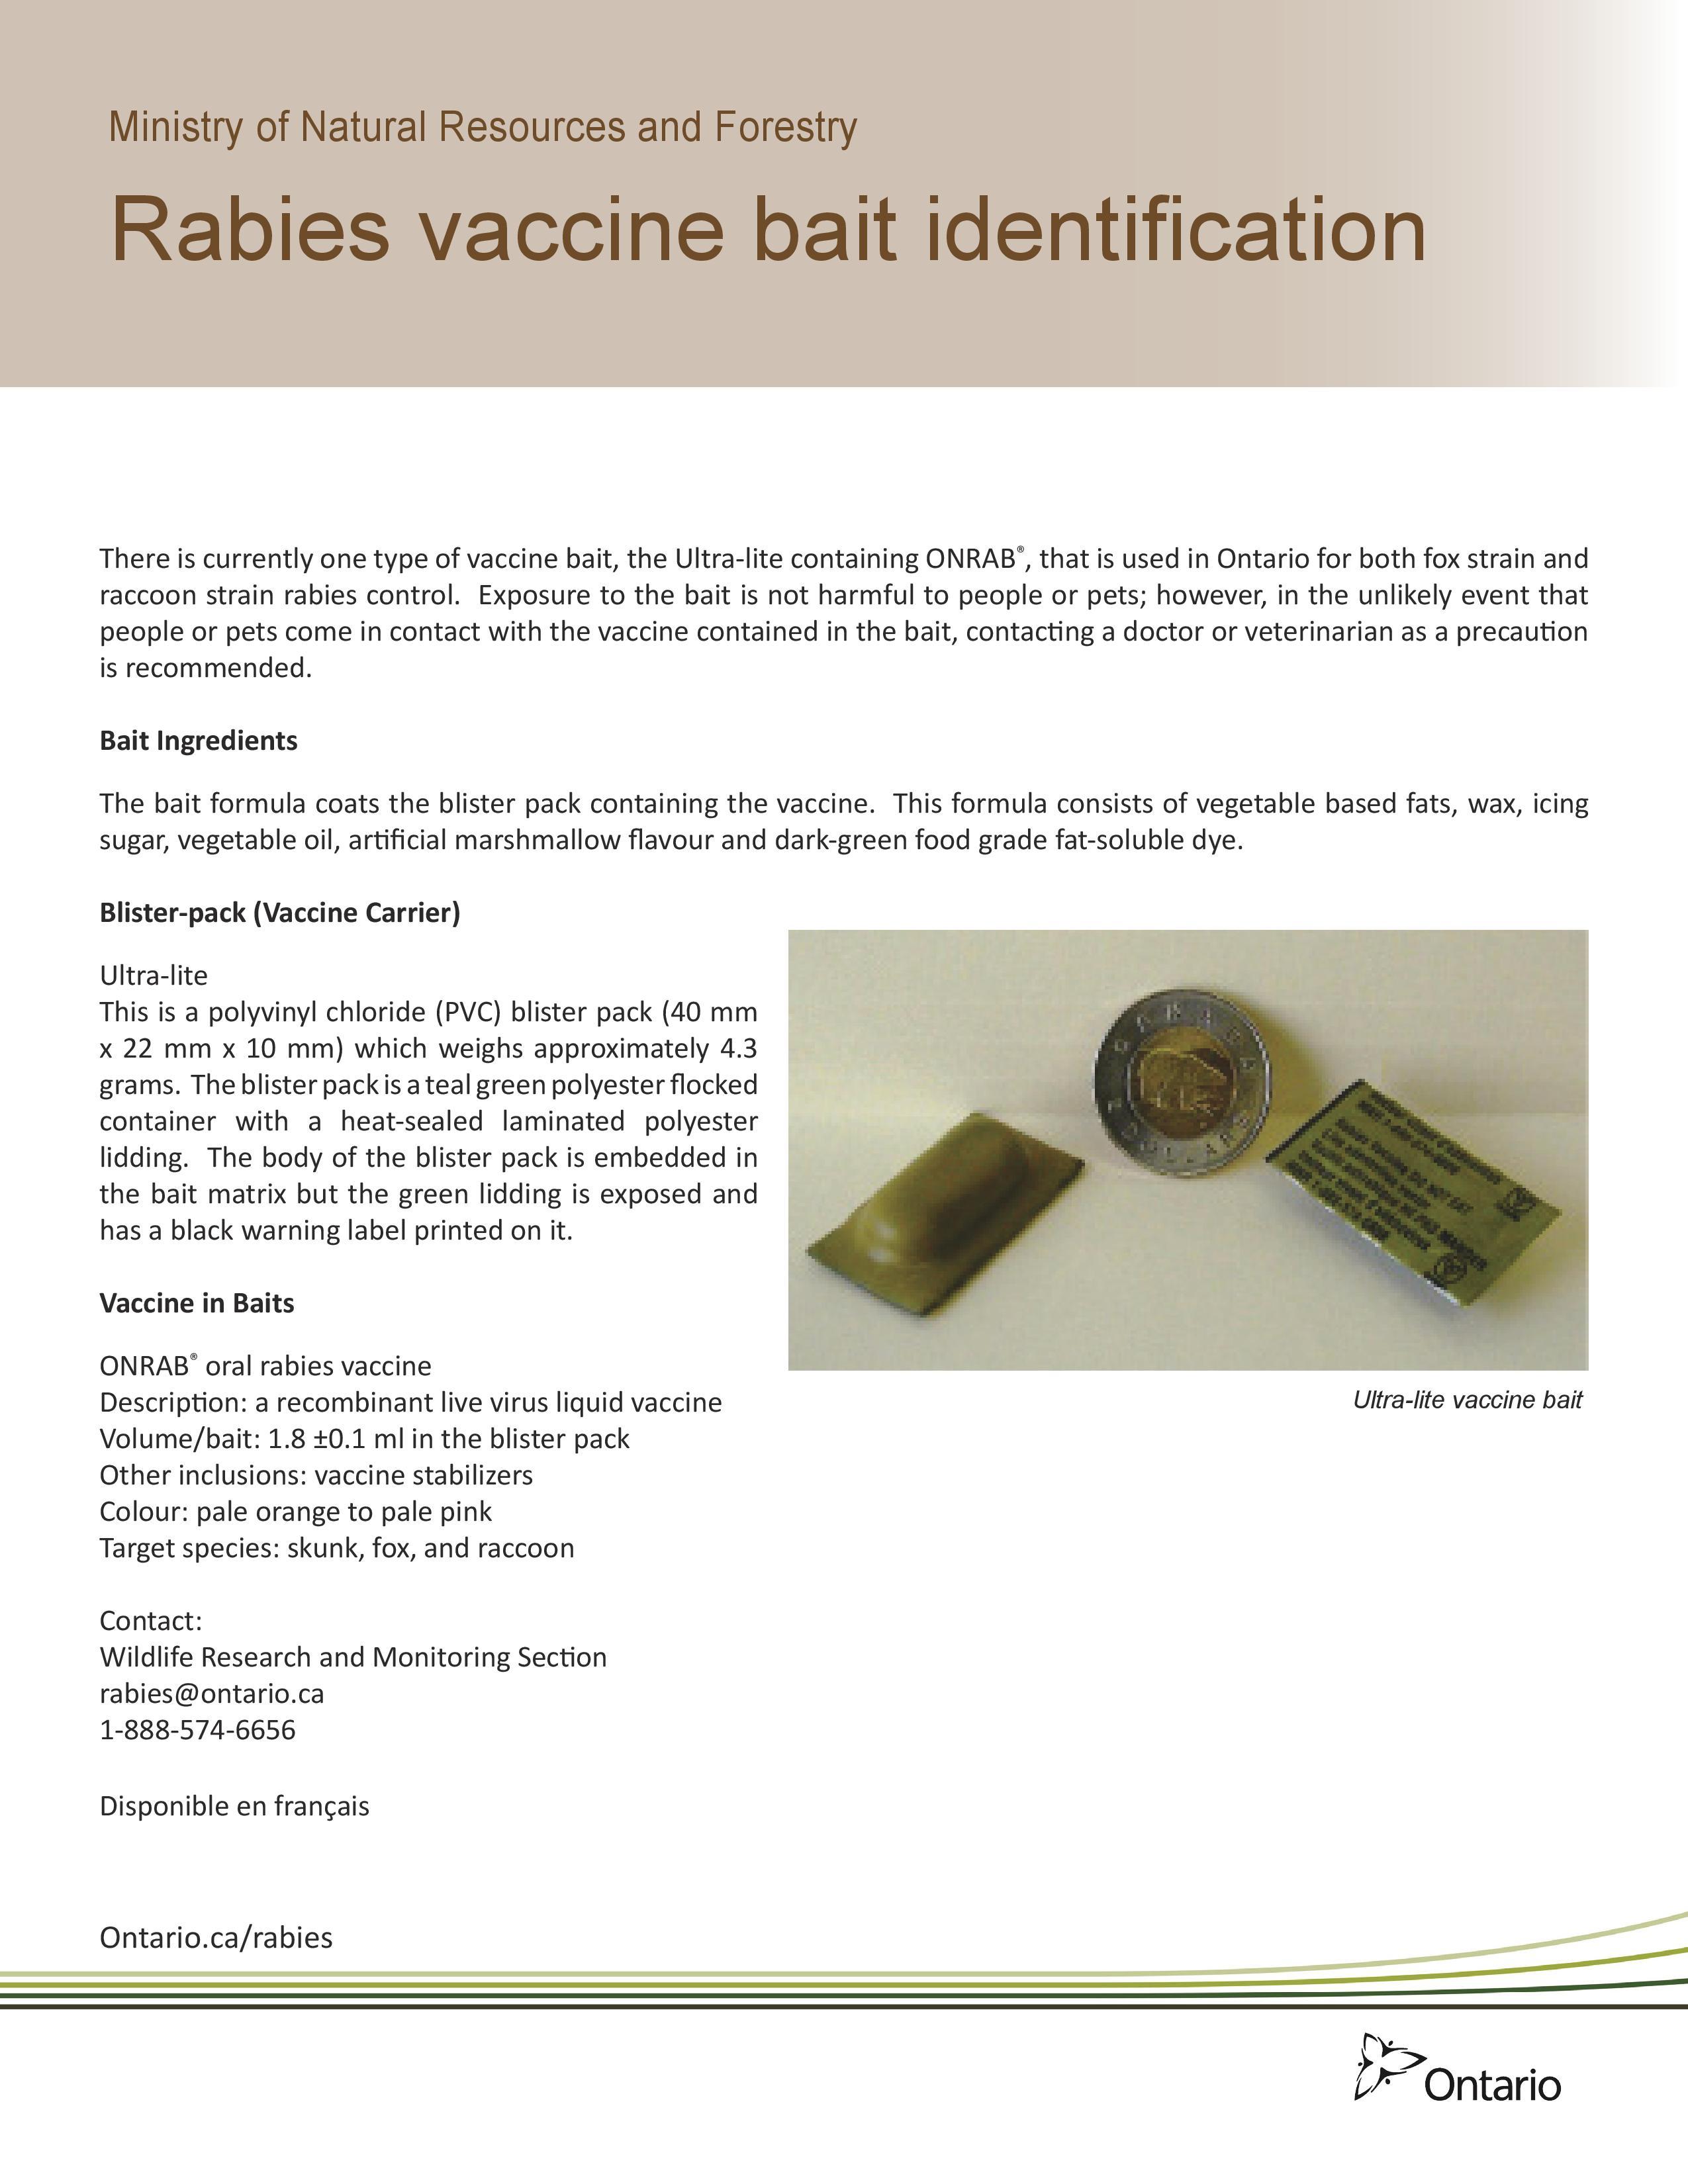 Ontario Rabies Vaccine Baiting Distribution - Ontario Animal Health